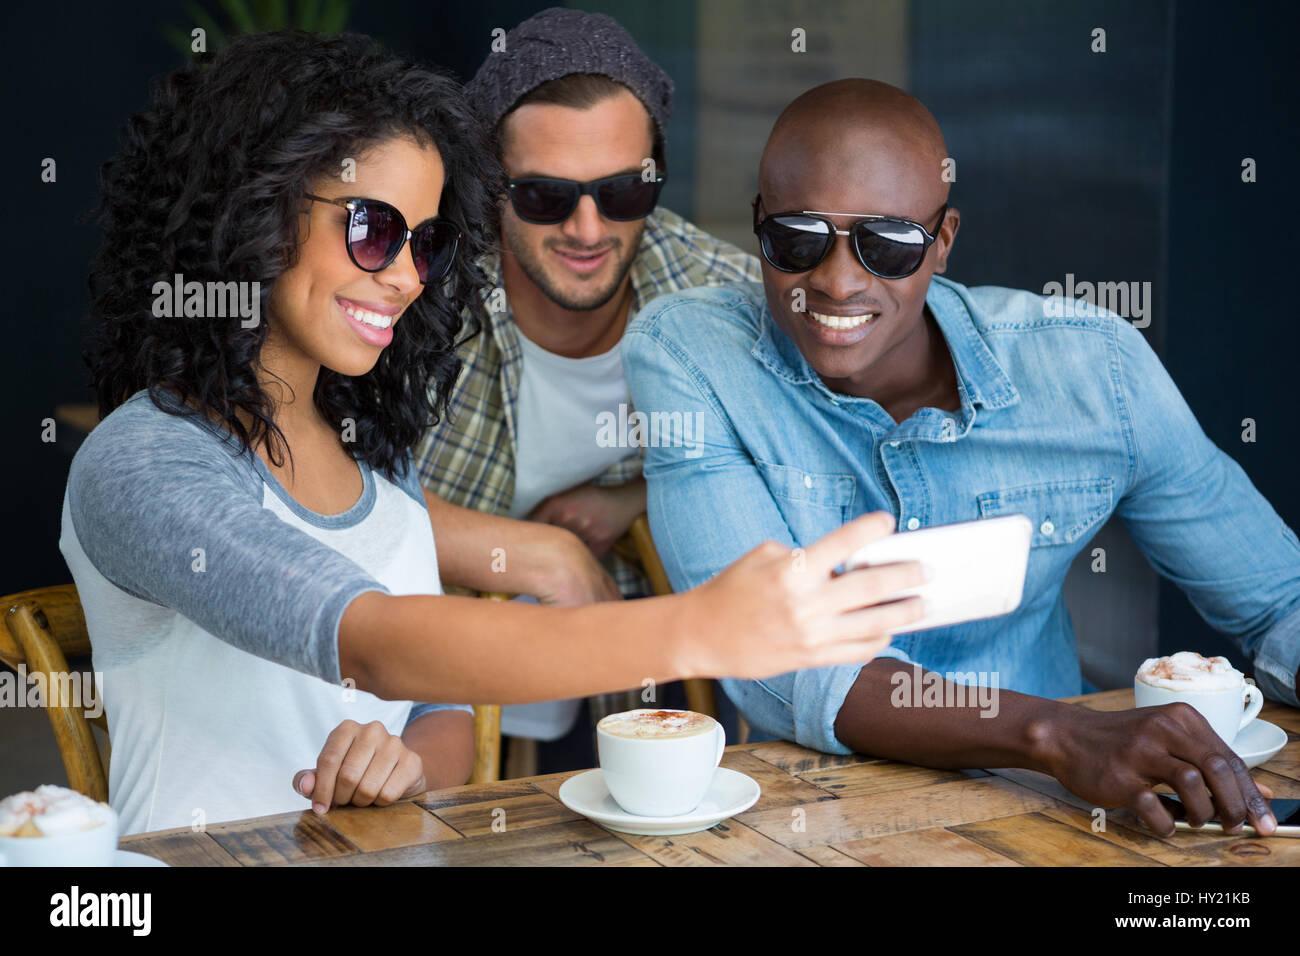 Glücklich Multi ethnischen Freunde Sonnenbrille während der Einnahme von Selfie in Coffee-shop Stockfoto